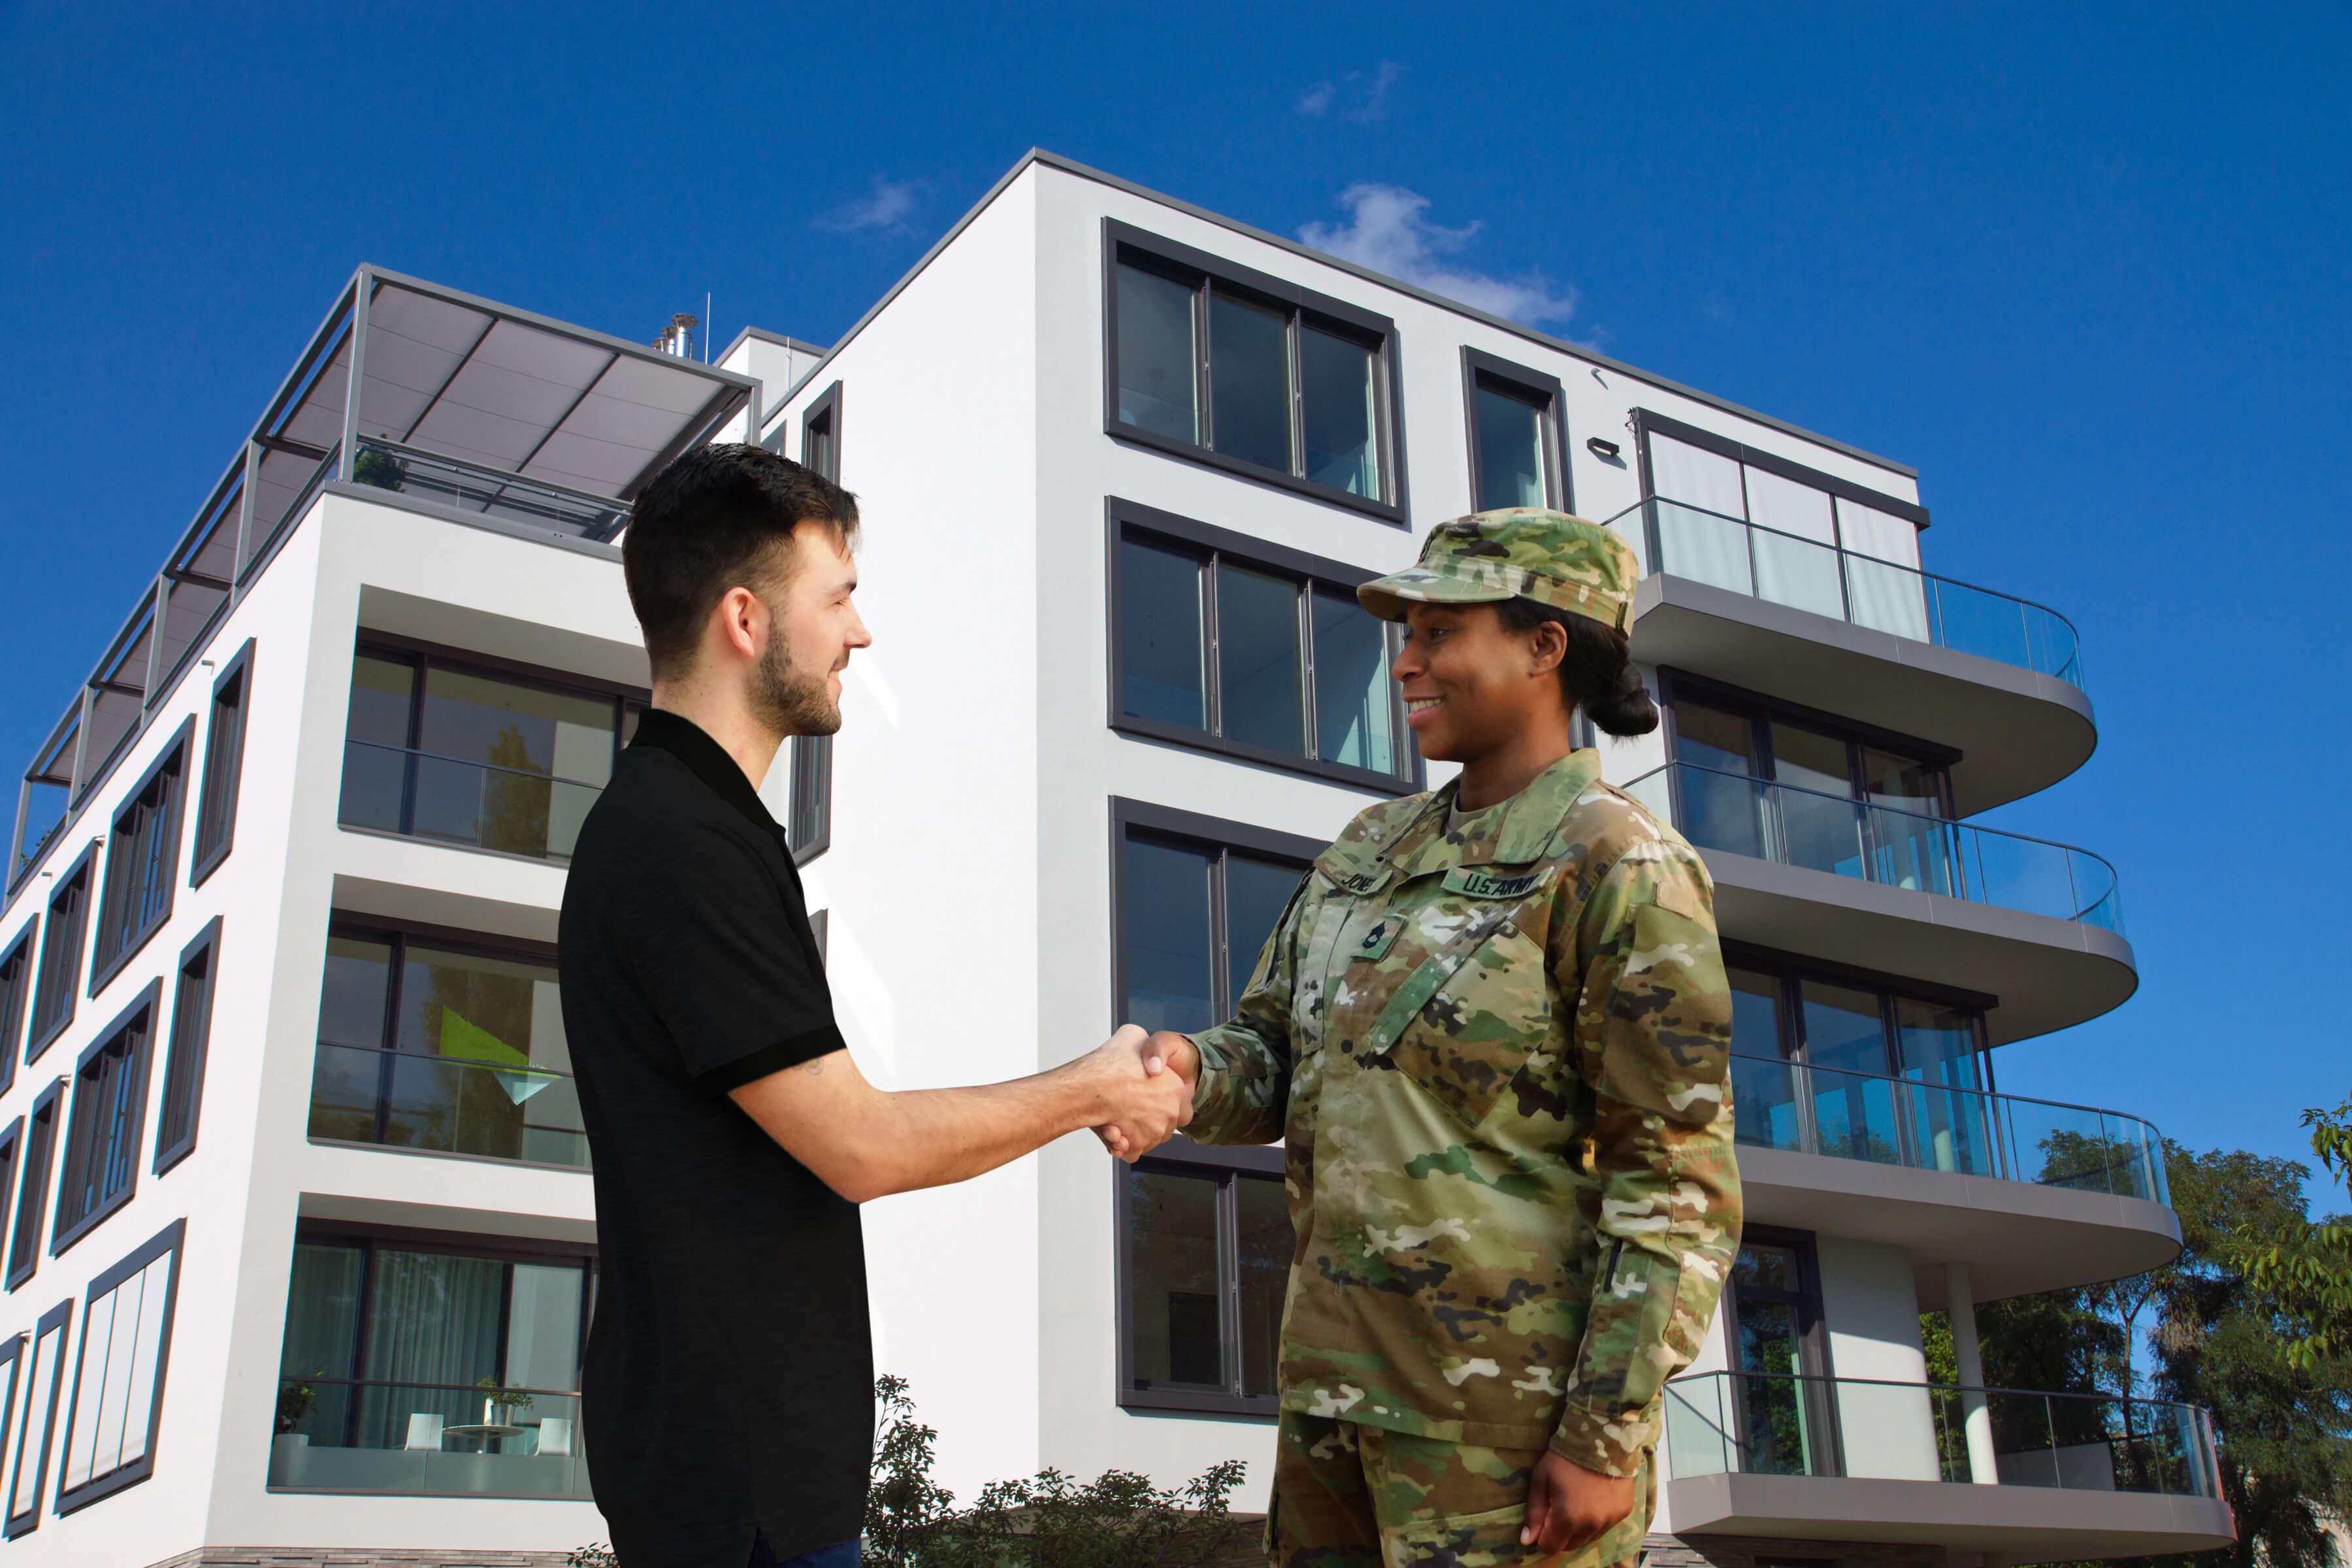 ArmylastFinalhouse